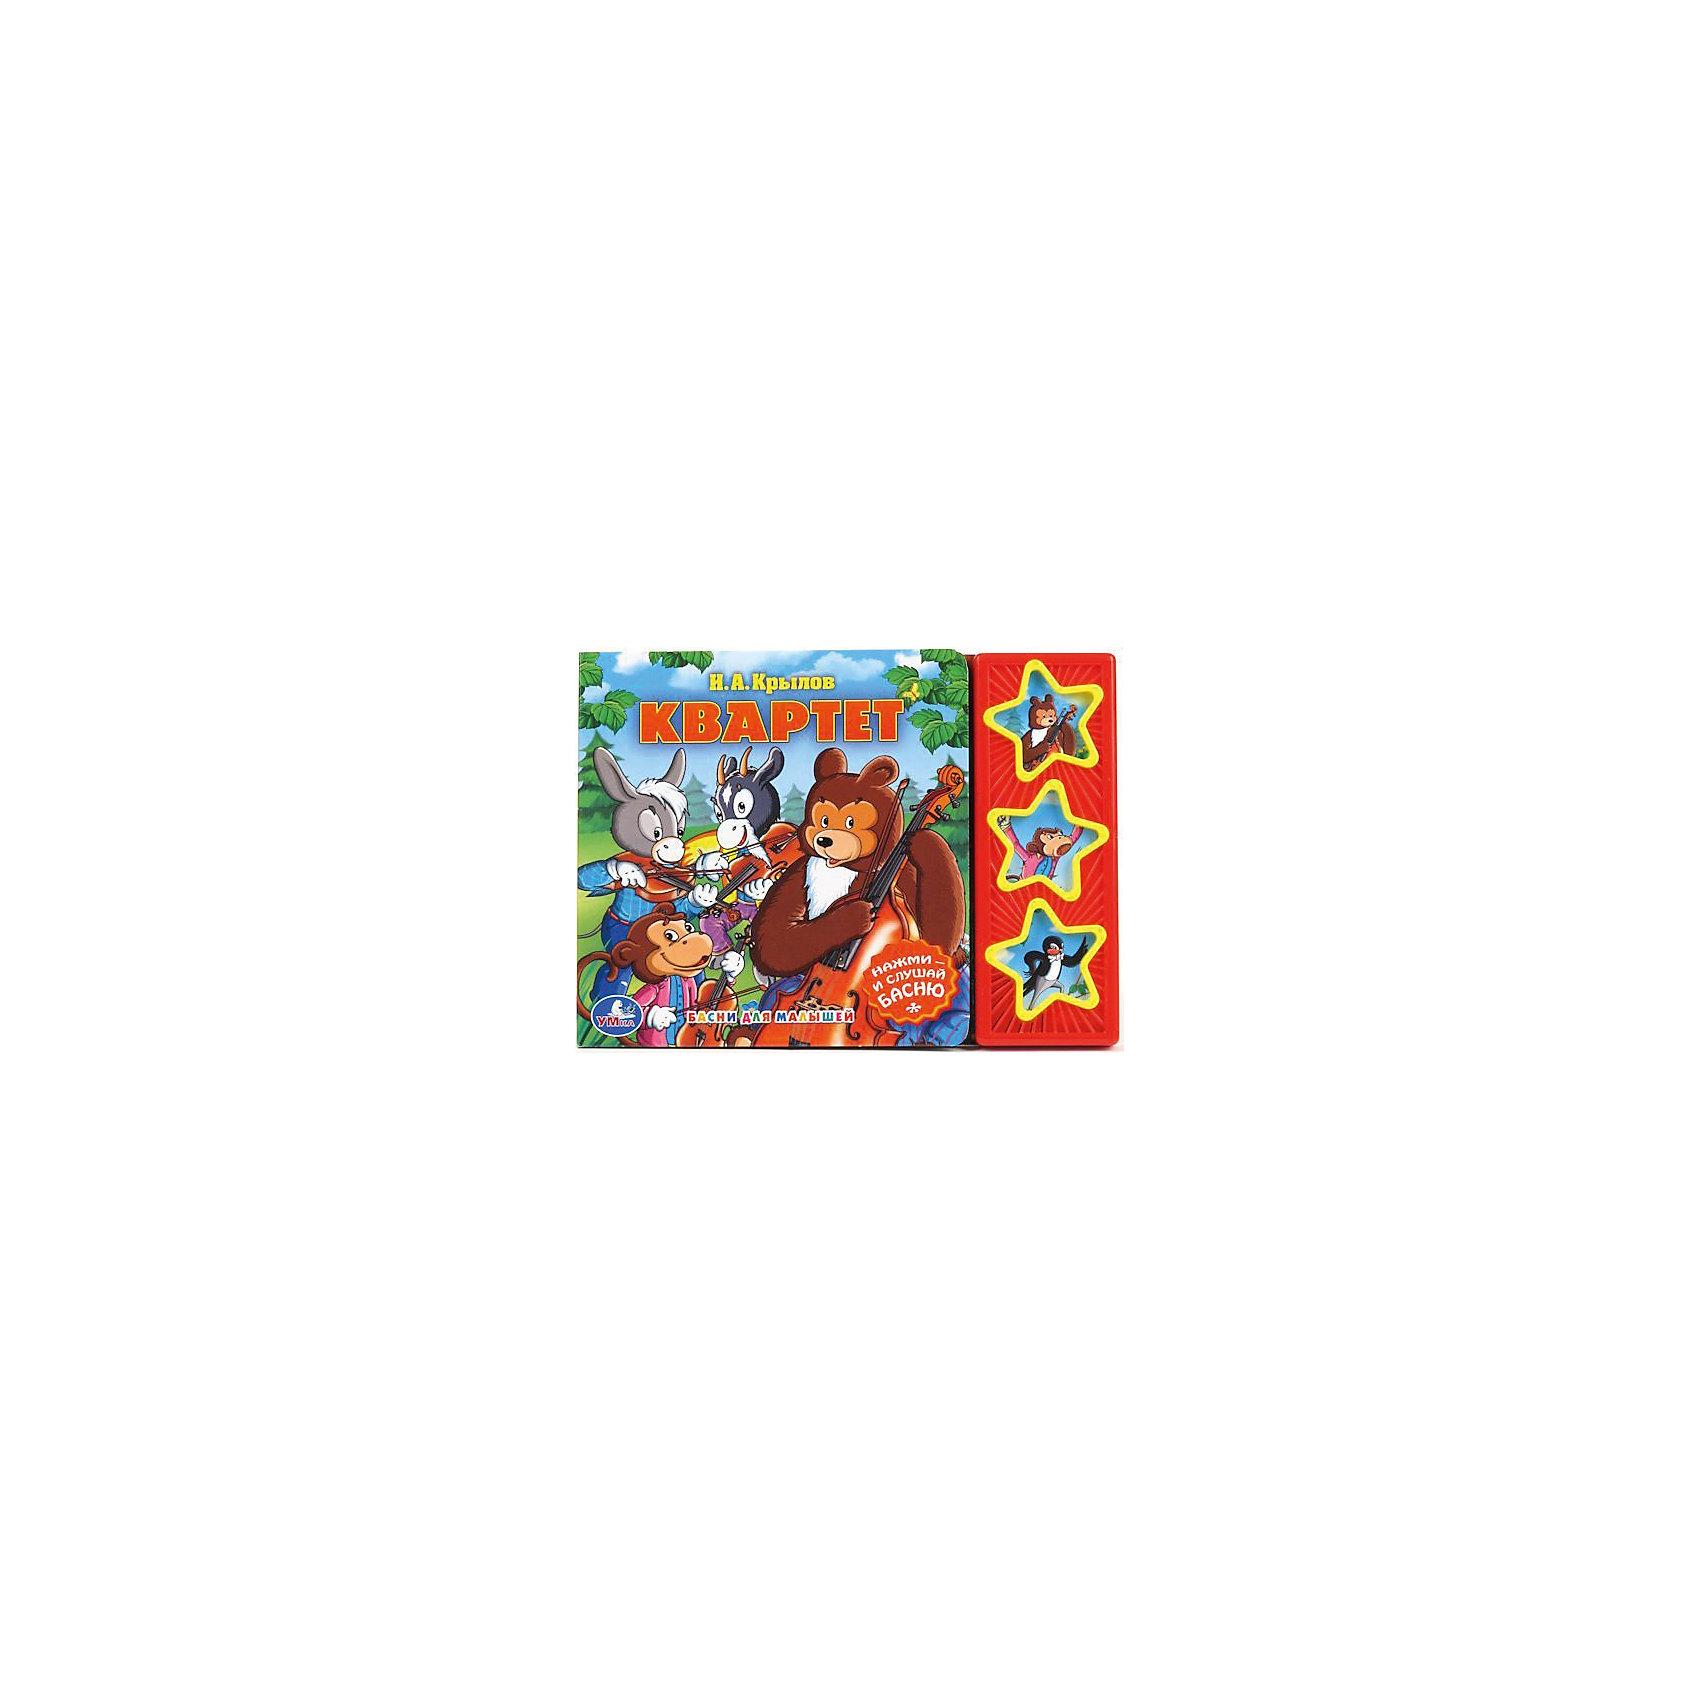 Книга Квартет, А.И.КрыловКрылов А.И.<br>В книге представлена известная басни А.И. Крылова Квартет. Издание имеет плотные страницы, оформлено яркими иллюстрациями. Нажимая на кнопки, ребенок услышит басню и веселые звуки. <br><br>Дополнительная информация:<br><br>- Автор: И. Крылов.<br>- Иллюстратор: А. Соколов. <br>- Формат: 20,6х15 см.<br>- Переплет: картон. <br>- Количество страниц: 6.<br>- Иллюстрации: цветные. <br>- 3 звуковые кнопки. <br><br>Книгу Квартет, А.И.Крылова,  можно купить в нашем магазине.<br><br>Ширина мм: 200<br>Глубина мм: 210<br>Высота мм: 150<br>Вес г: 350<br>Возраст от месяцев: 24<br>Возраст до месяцев: 60<br>Пол: Унисекс<br>Возраст: Детский<br>SKU: 4719266